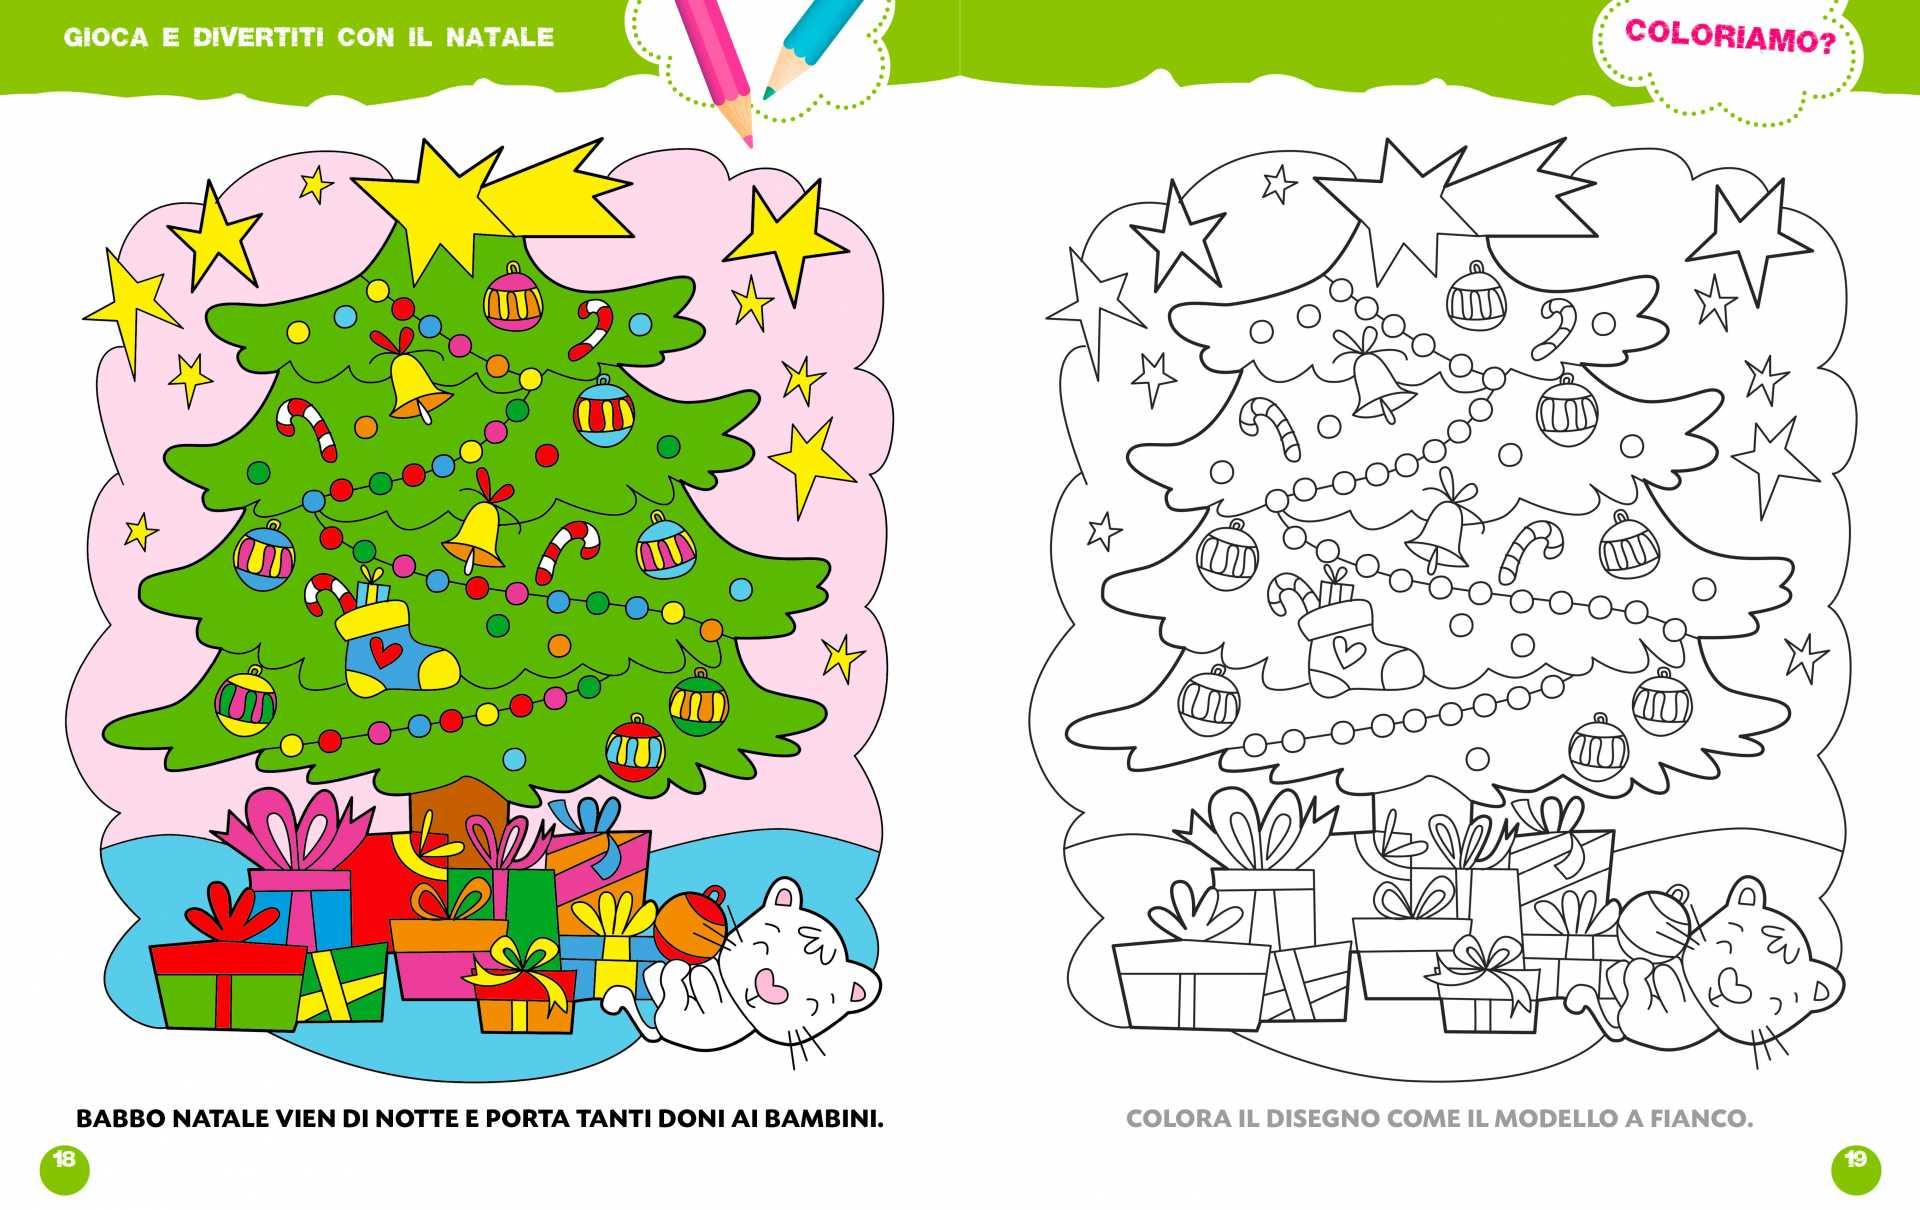 Disegni Di Natale Da Unire Con I Puntini.Gioca E Divertiti Con Il Natale La Rana Volante